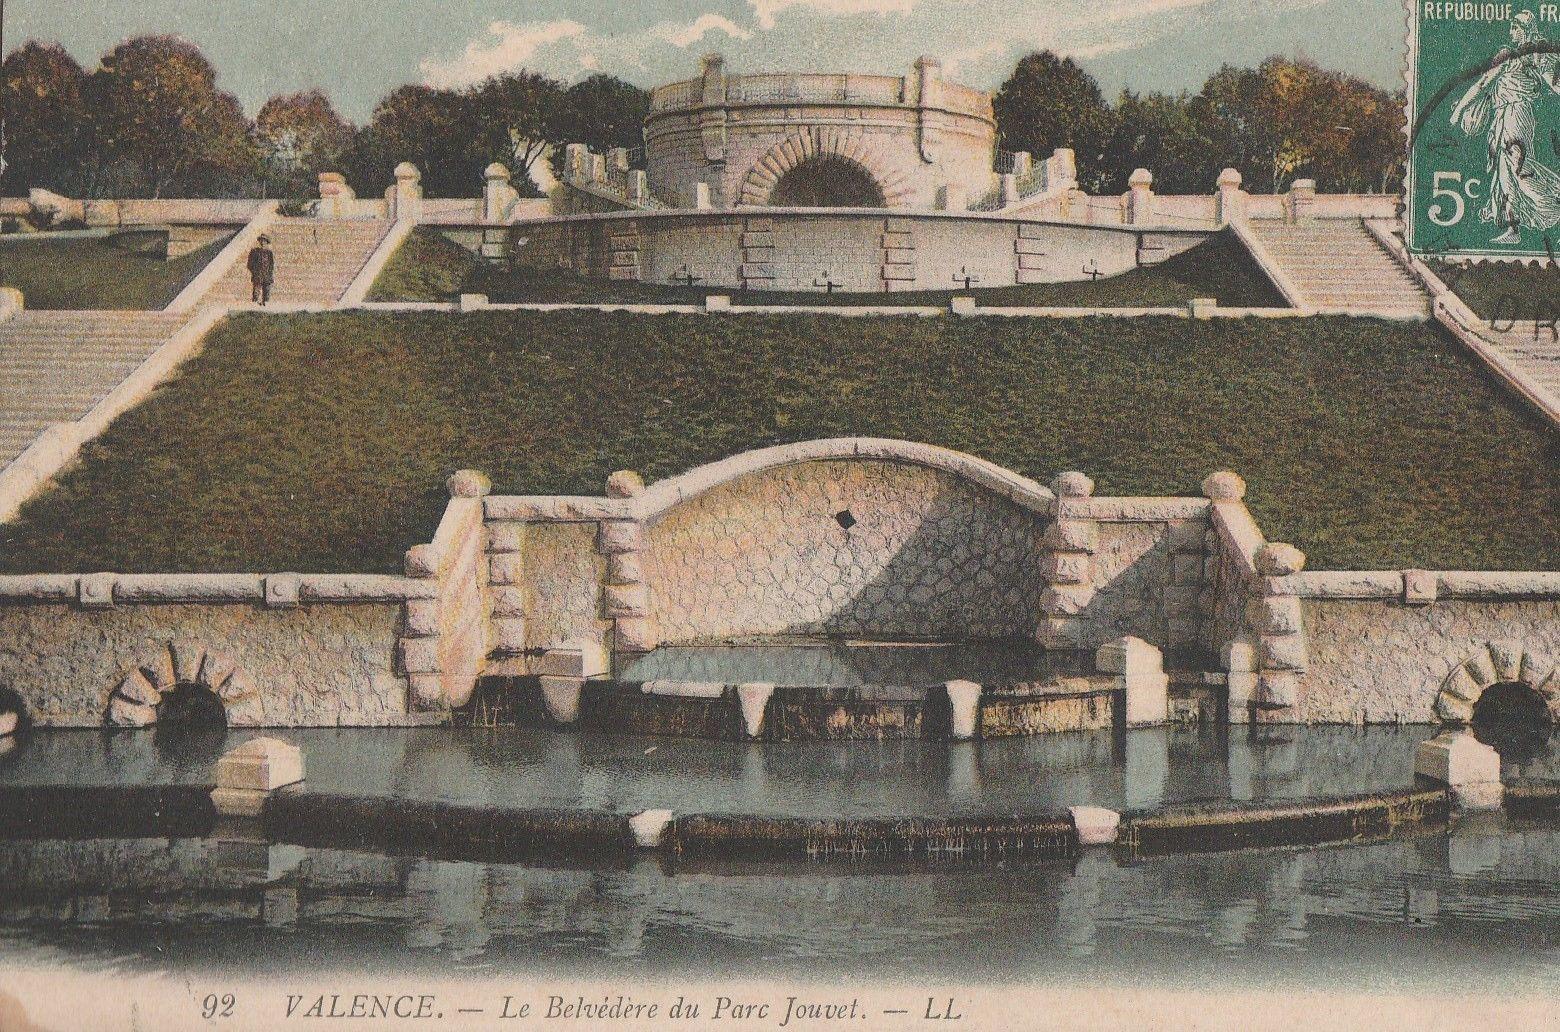 Le Belvédère du parc Jouvet